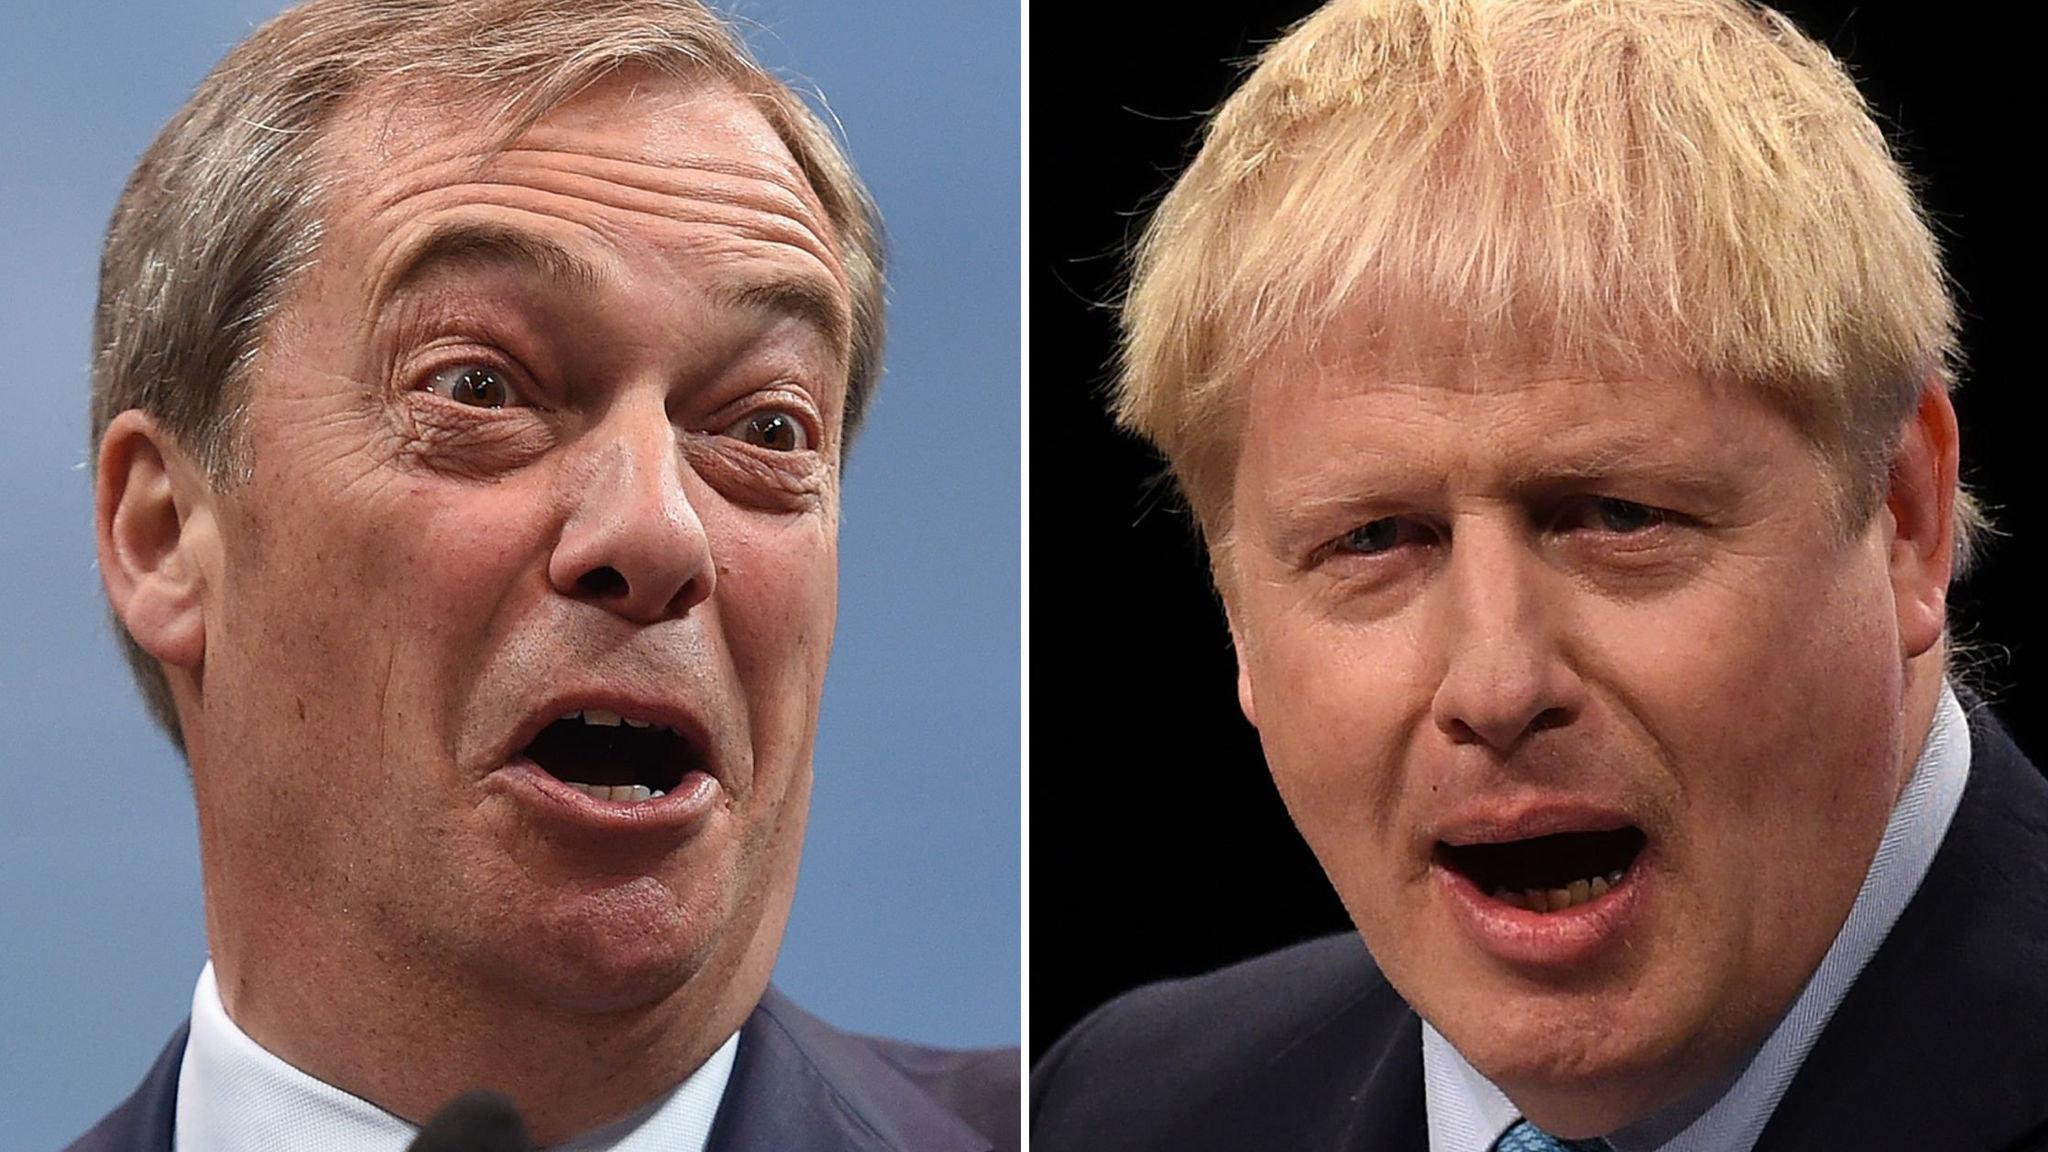 Will Boris Johnson betray Nigel Farage?